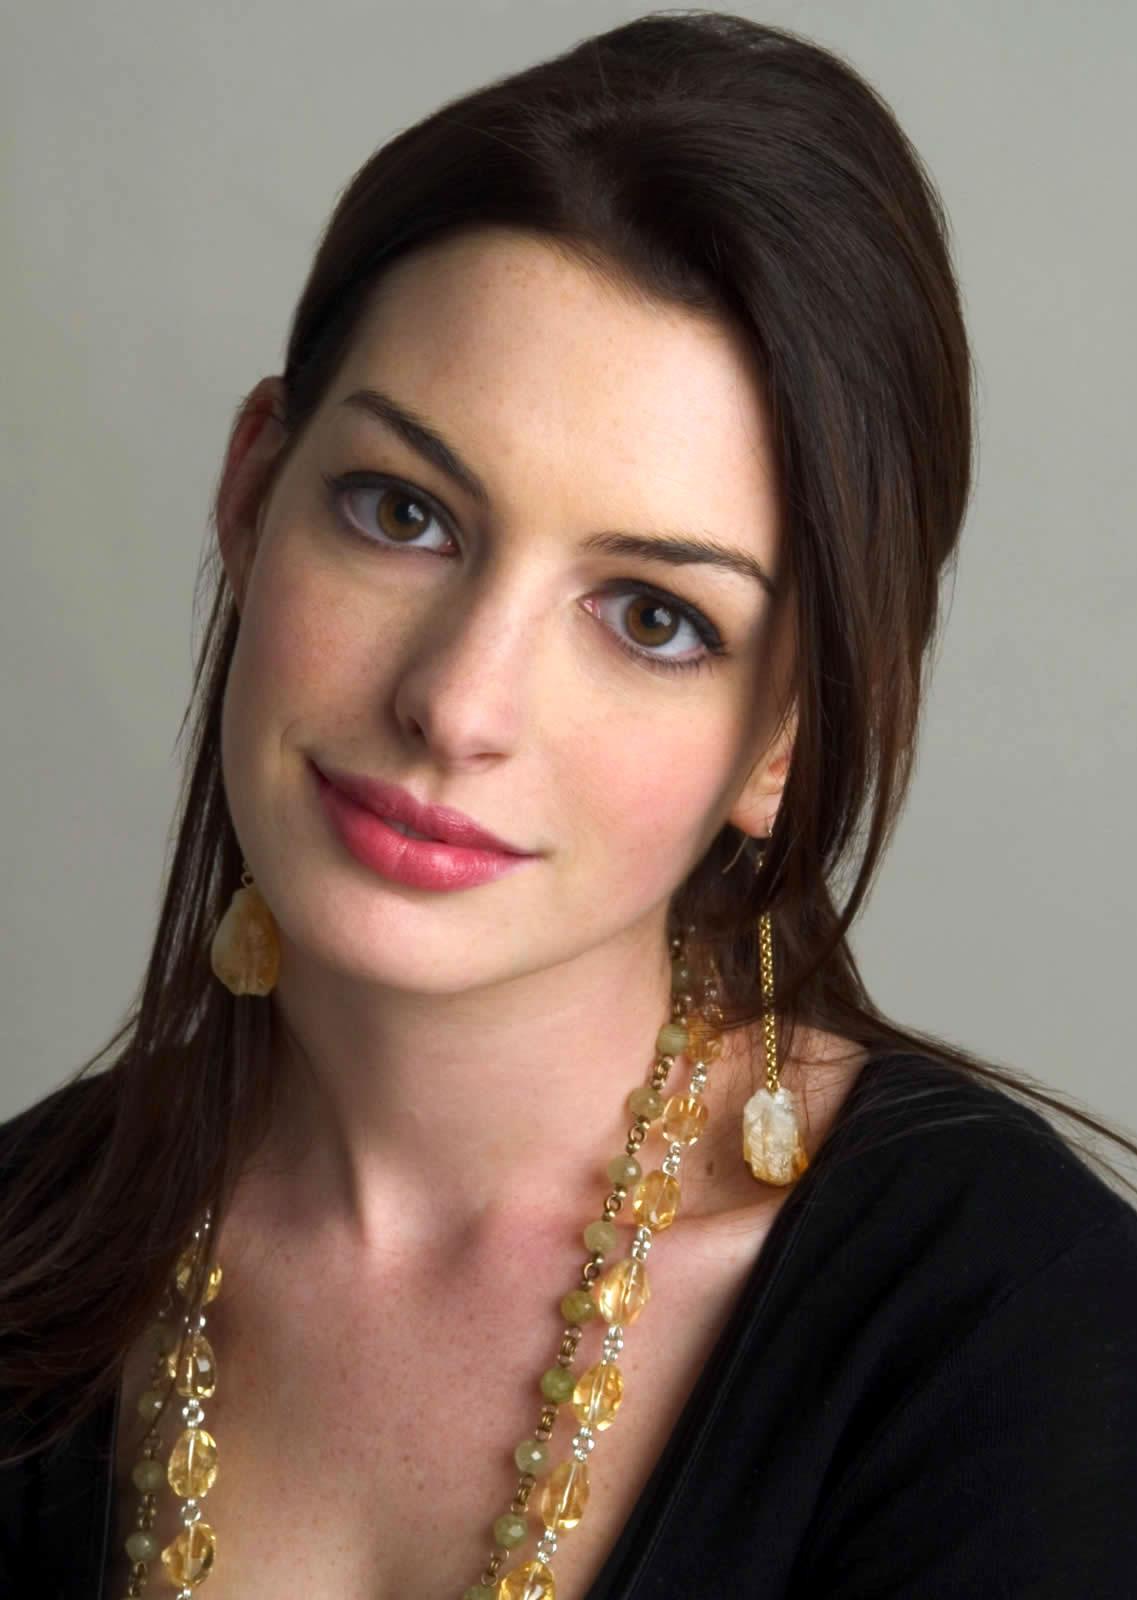 Image - Anne-Hathaway-... Anne Hathaway Wiki